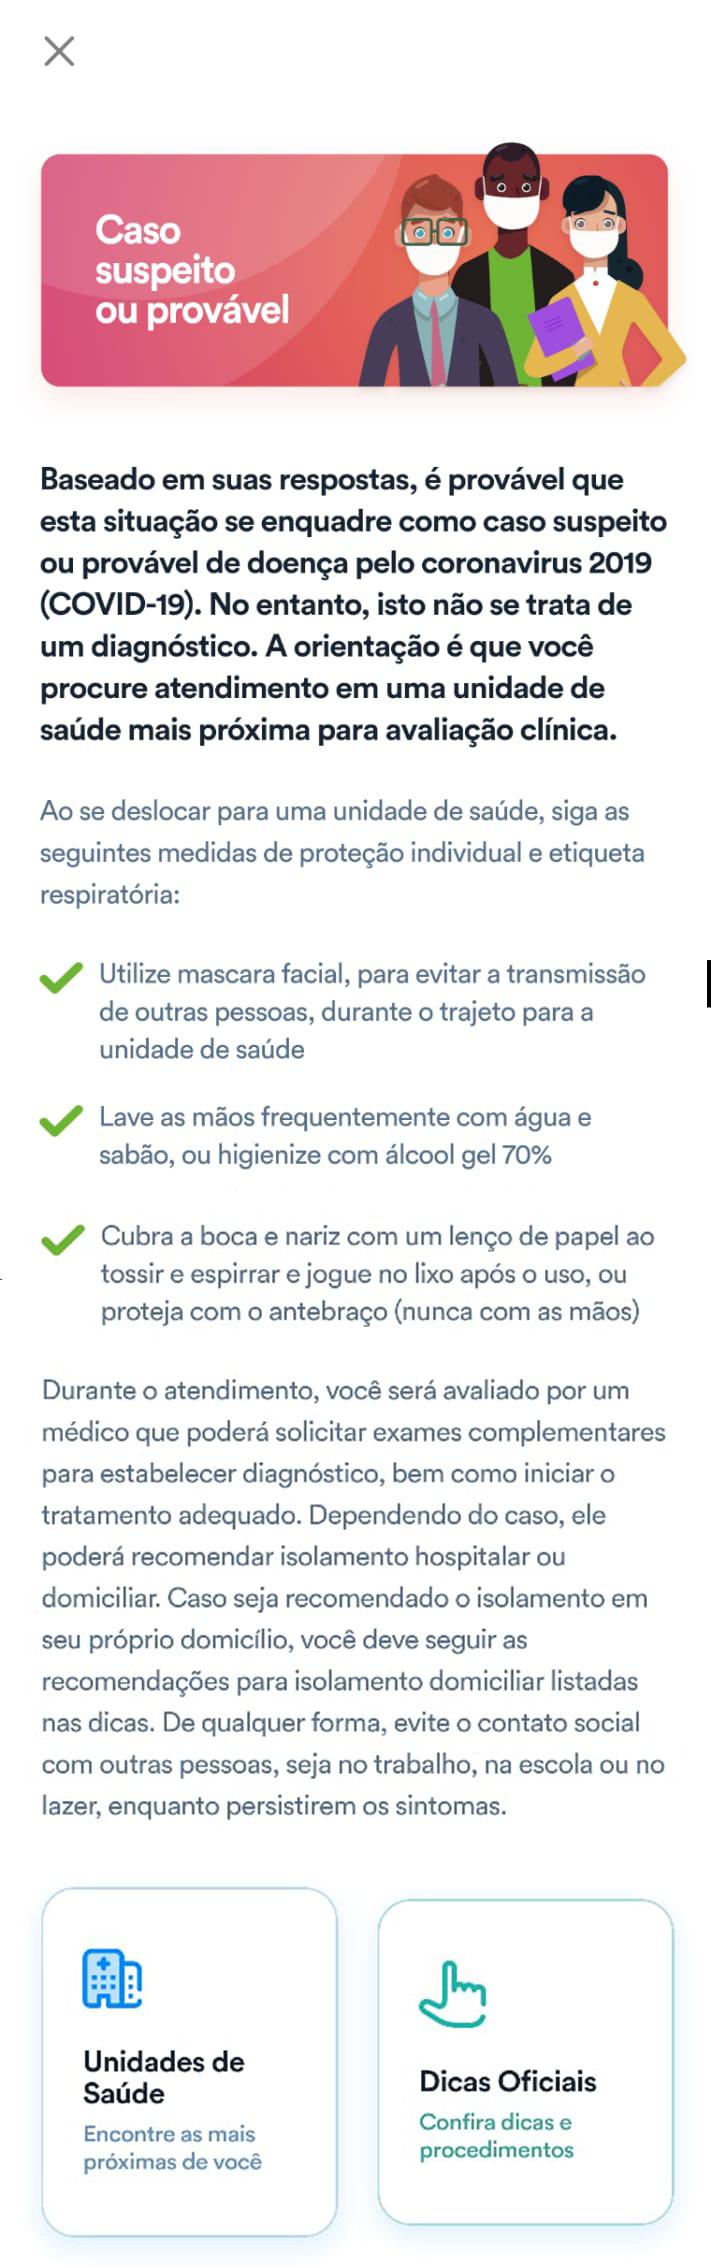 Resultado simulado do aplicativo Coronavirus SUS, caso suspeito de coronavírus. Reprodução/Ministério da Saúde